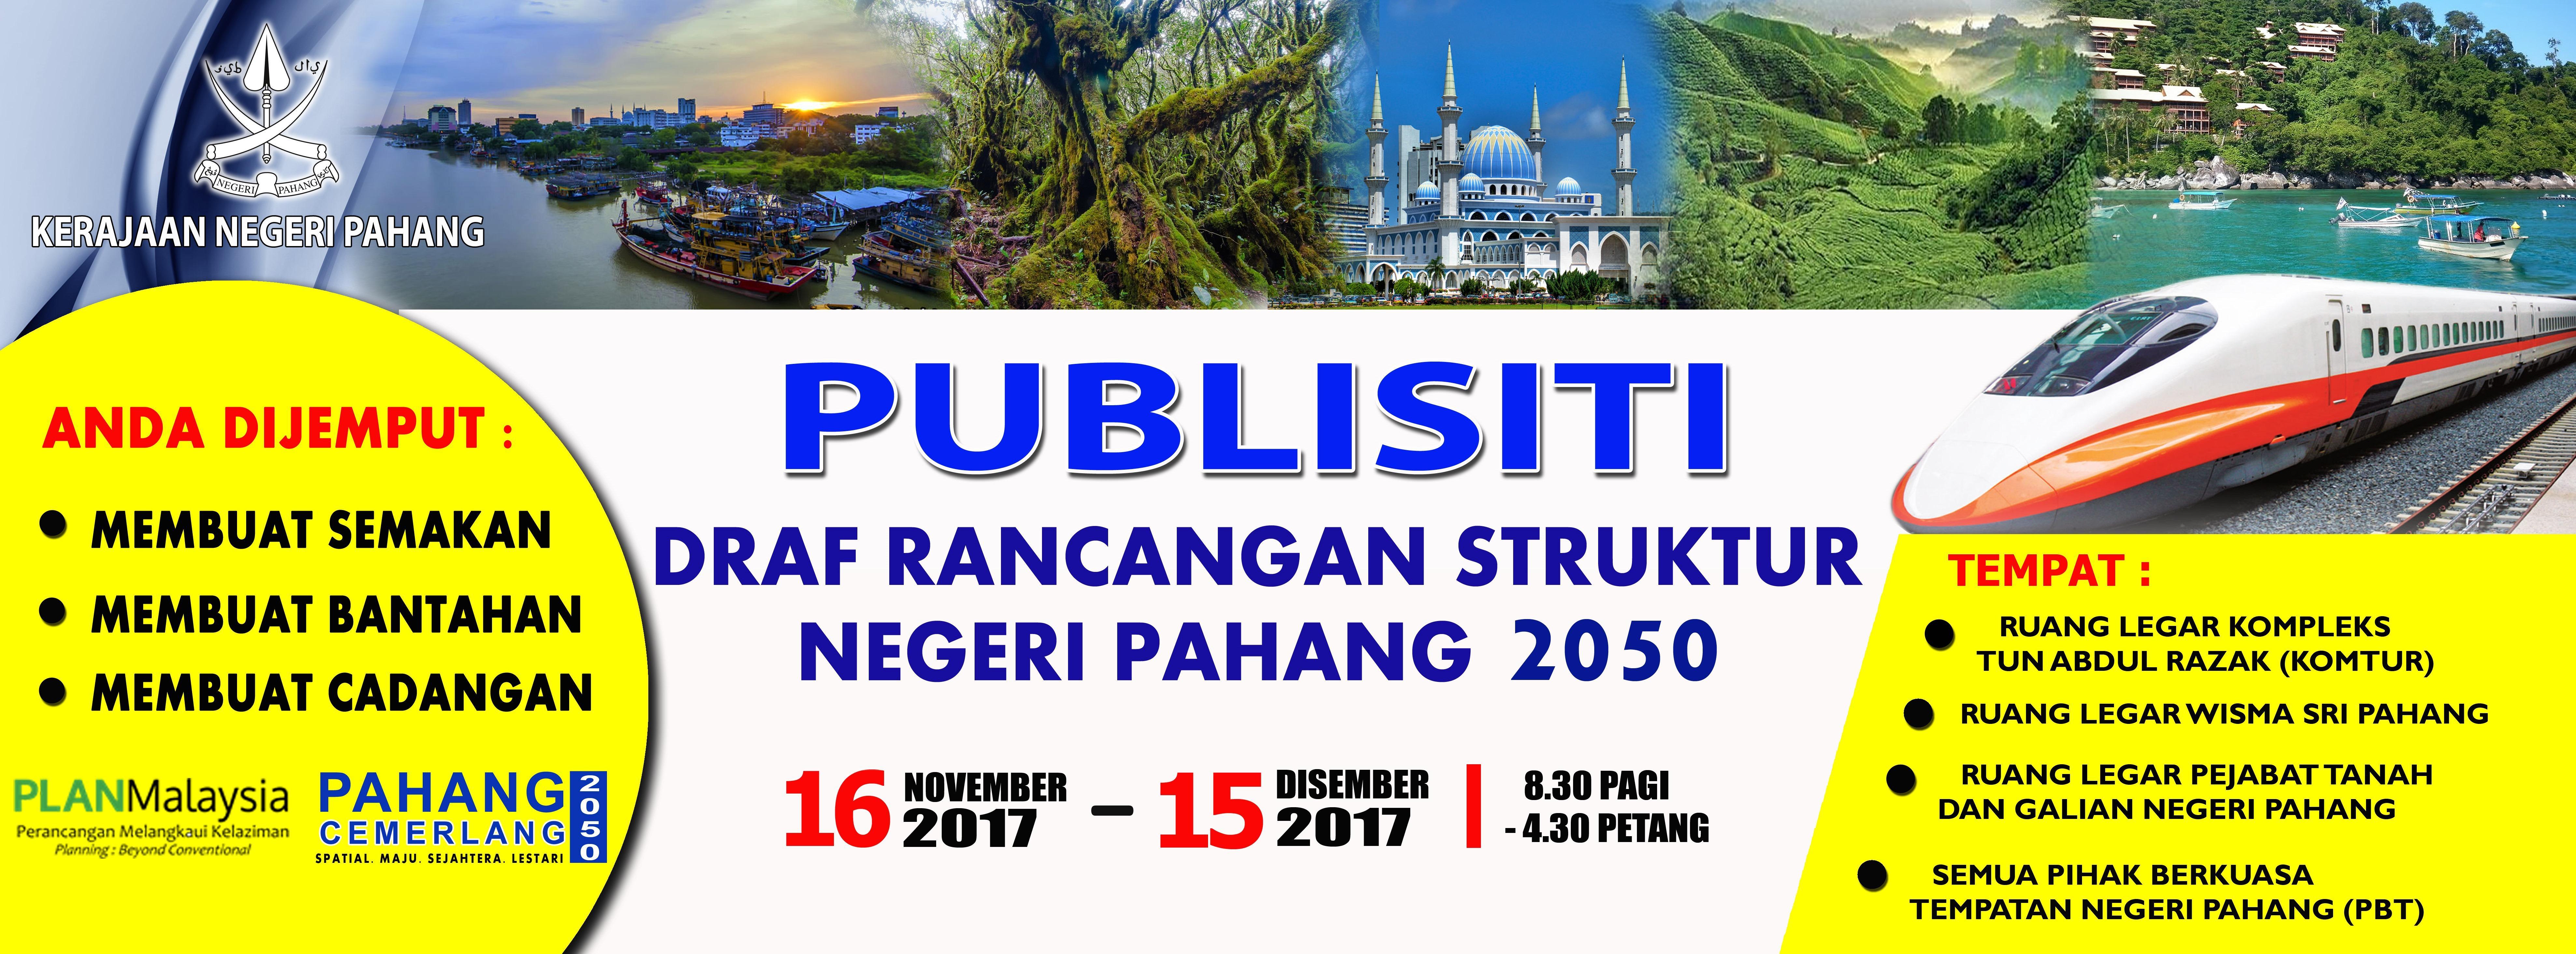 Publisiti Deraf Rancangan Struktur Pahang 2050